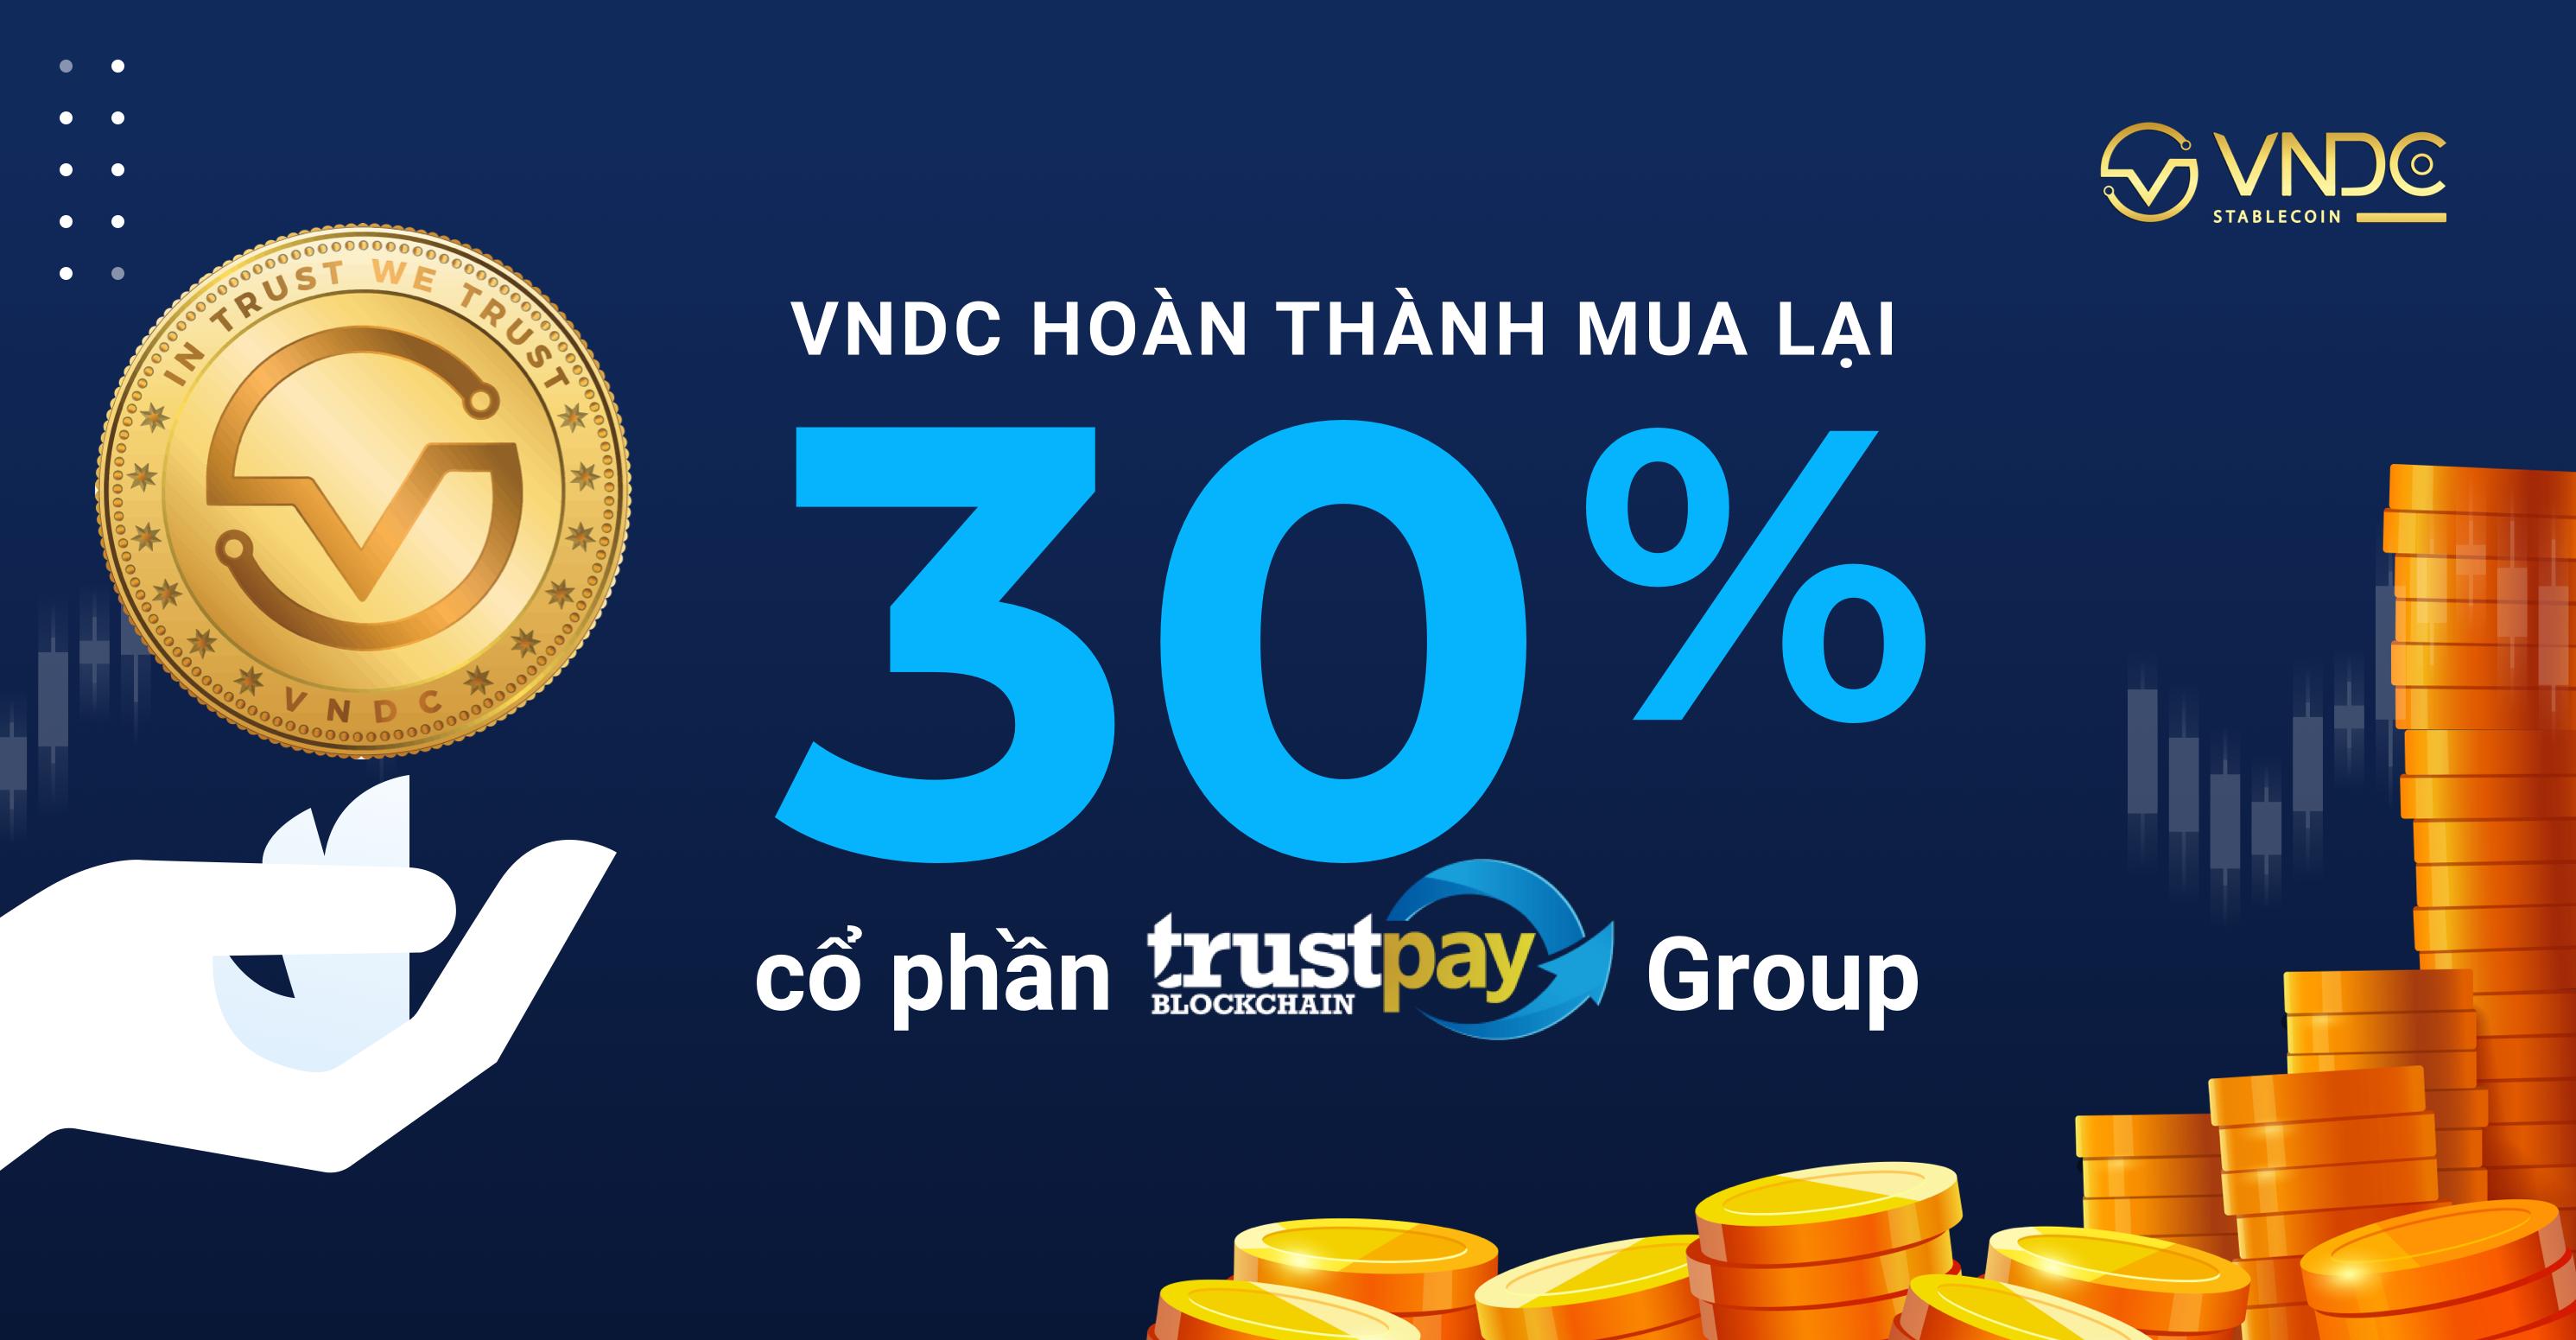 VNDC hoàn thành mua lại 30% cổ phần TRUSTpay Group với định giá 100 tỷ VNDC